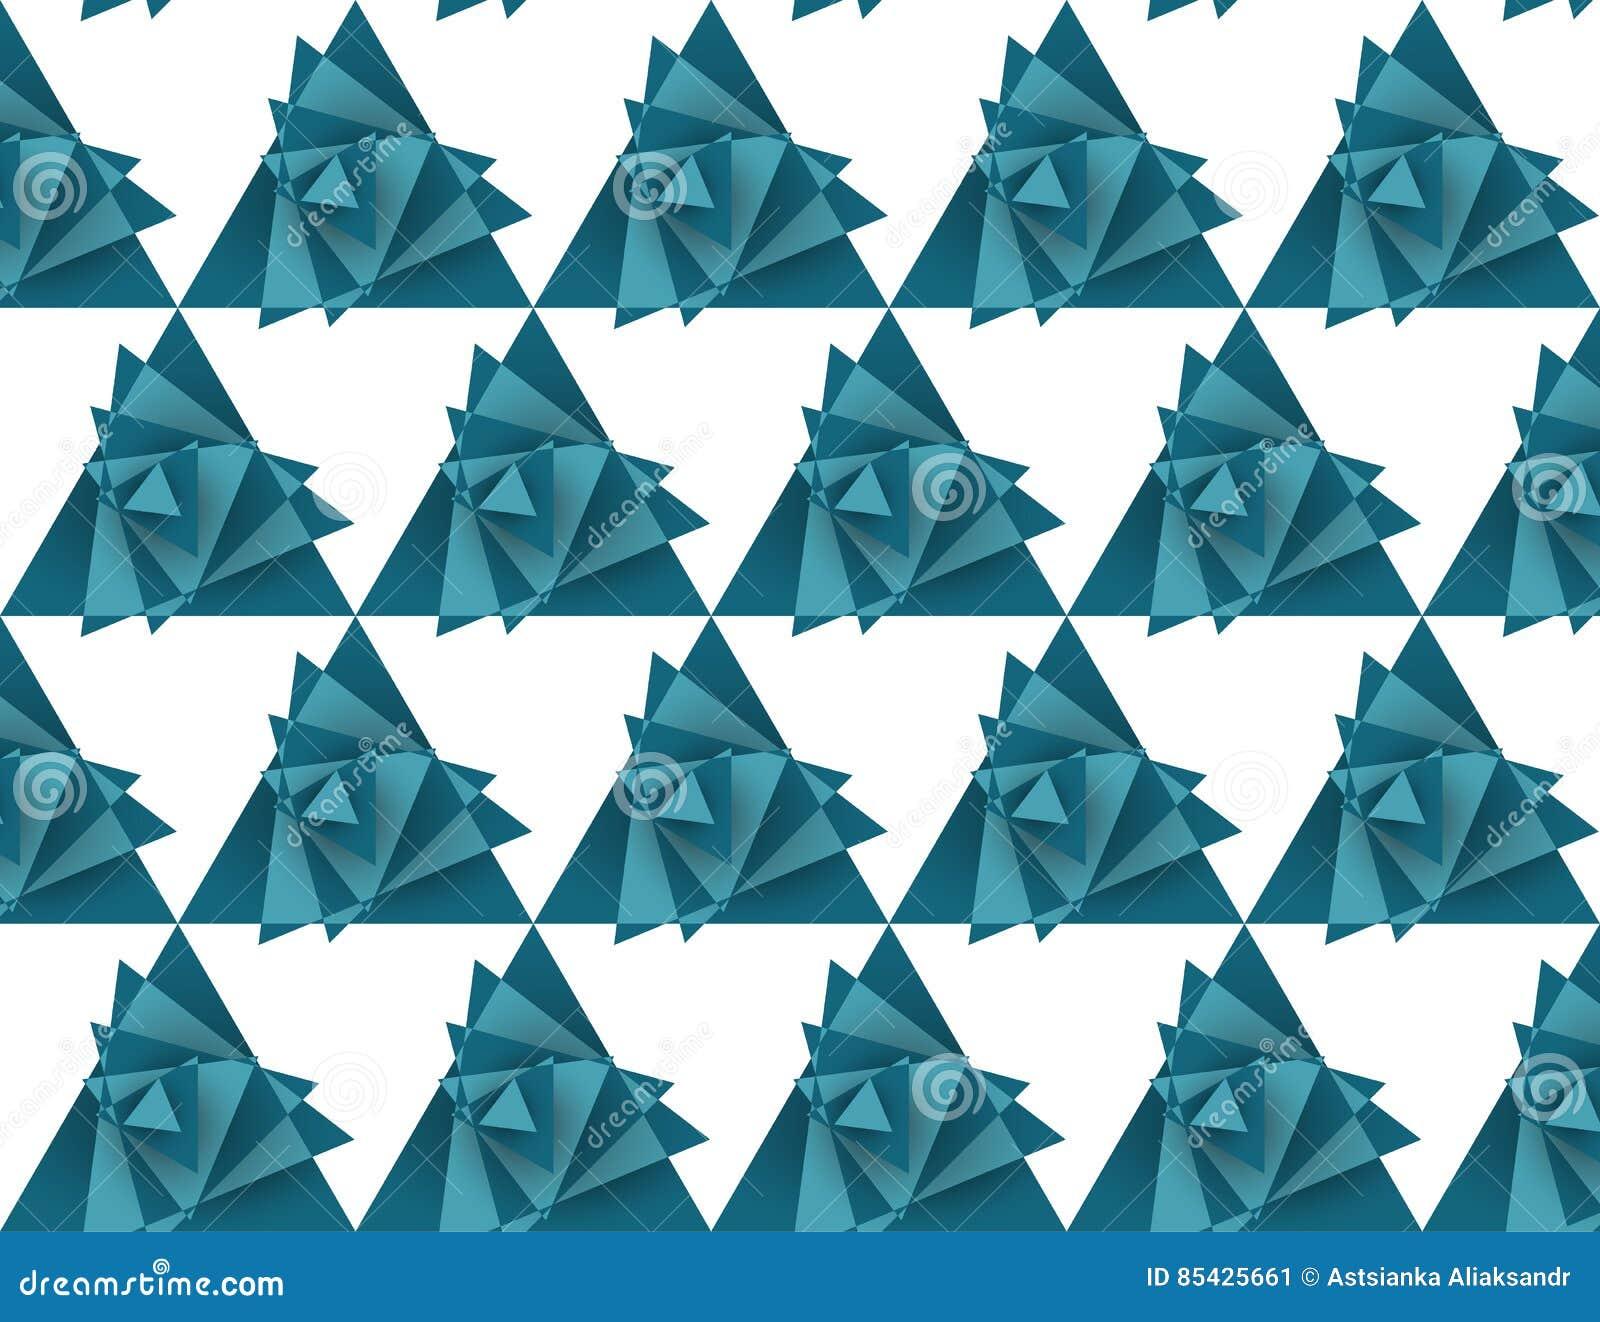 Άνευ ραφής σχέδιο τριγώνων, ανεμοστρόβιλος